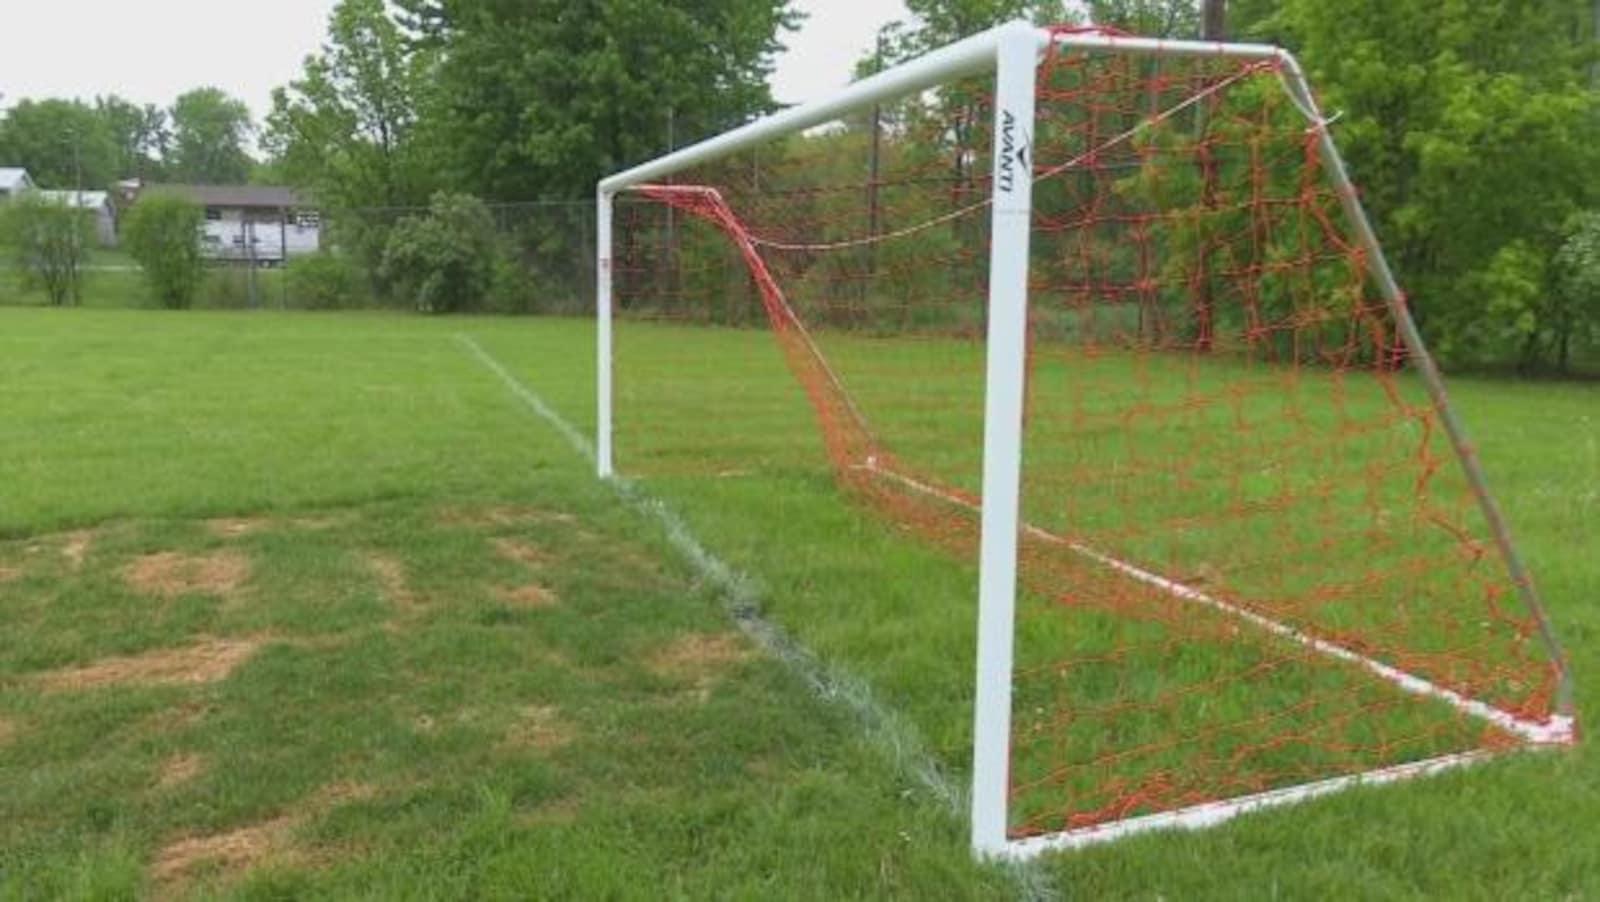 Un filet de soccer dans un parc.